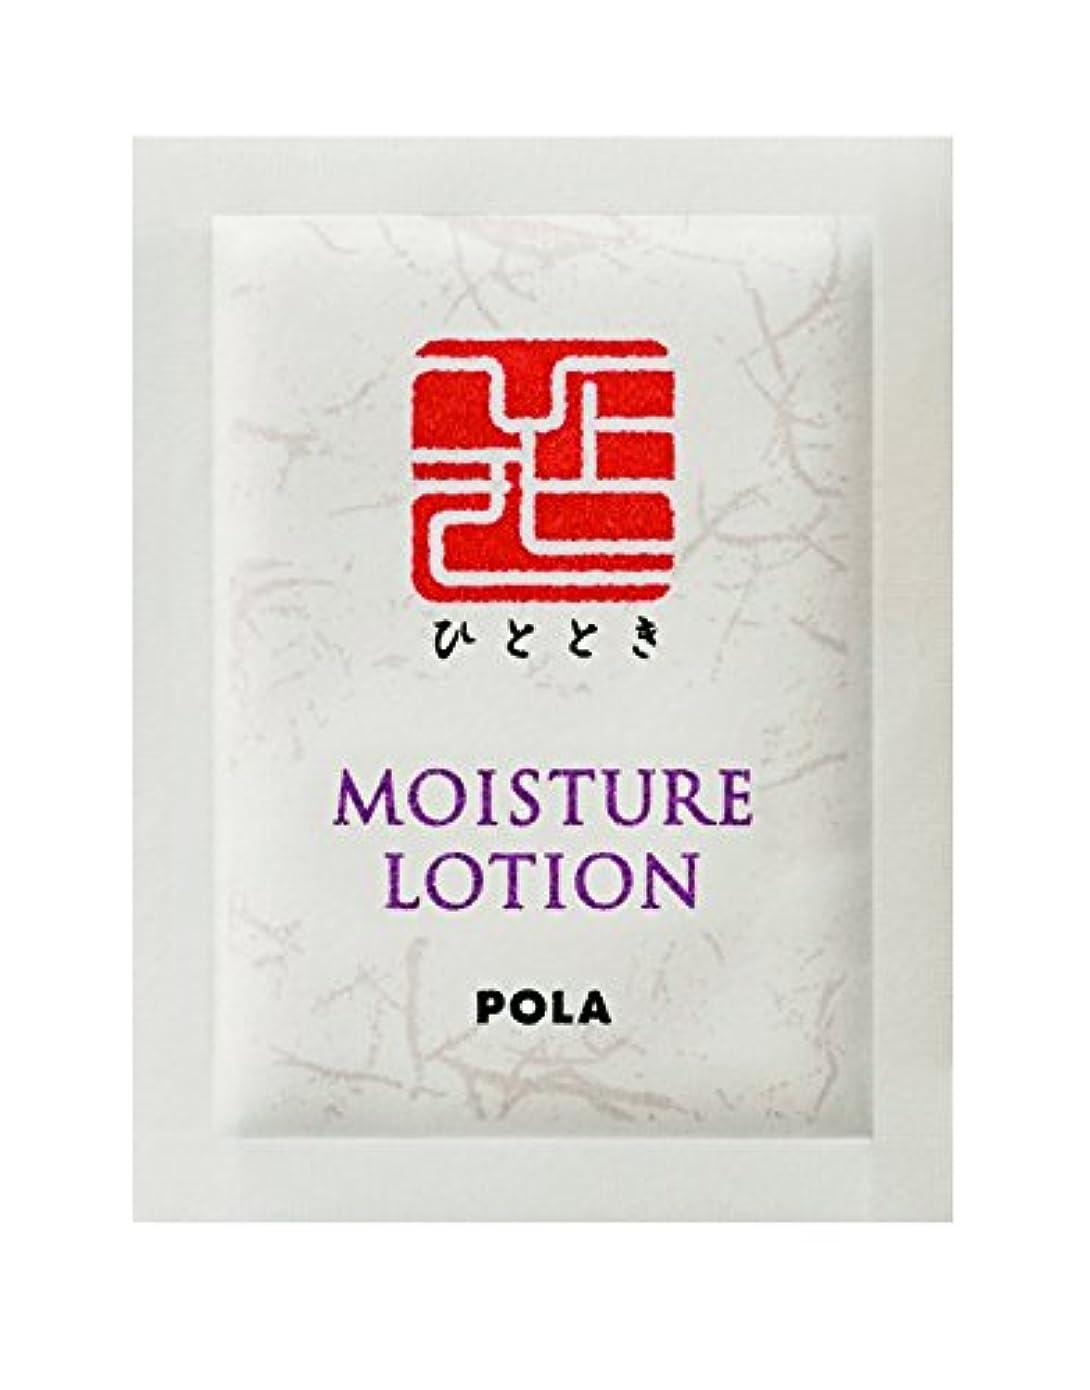 塗抹生活残るPOLA ひととき モイスチャーローション 化粧水 個包装タイプ 2mL×100包